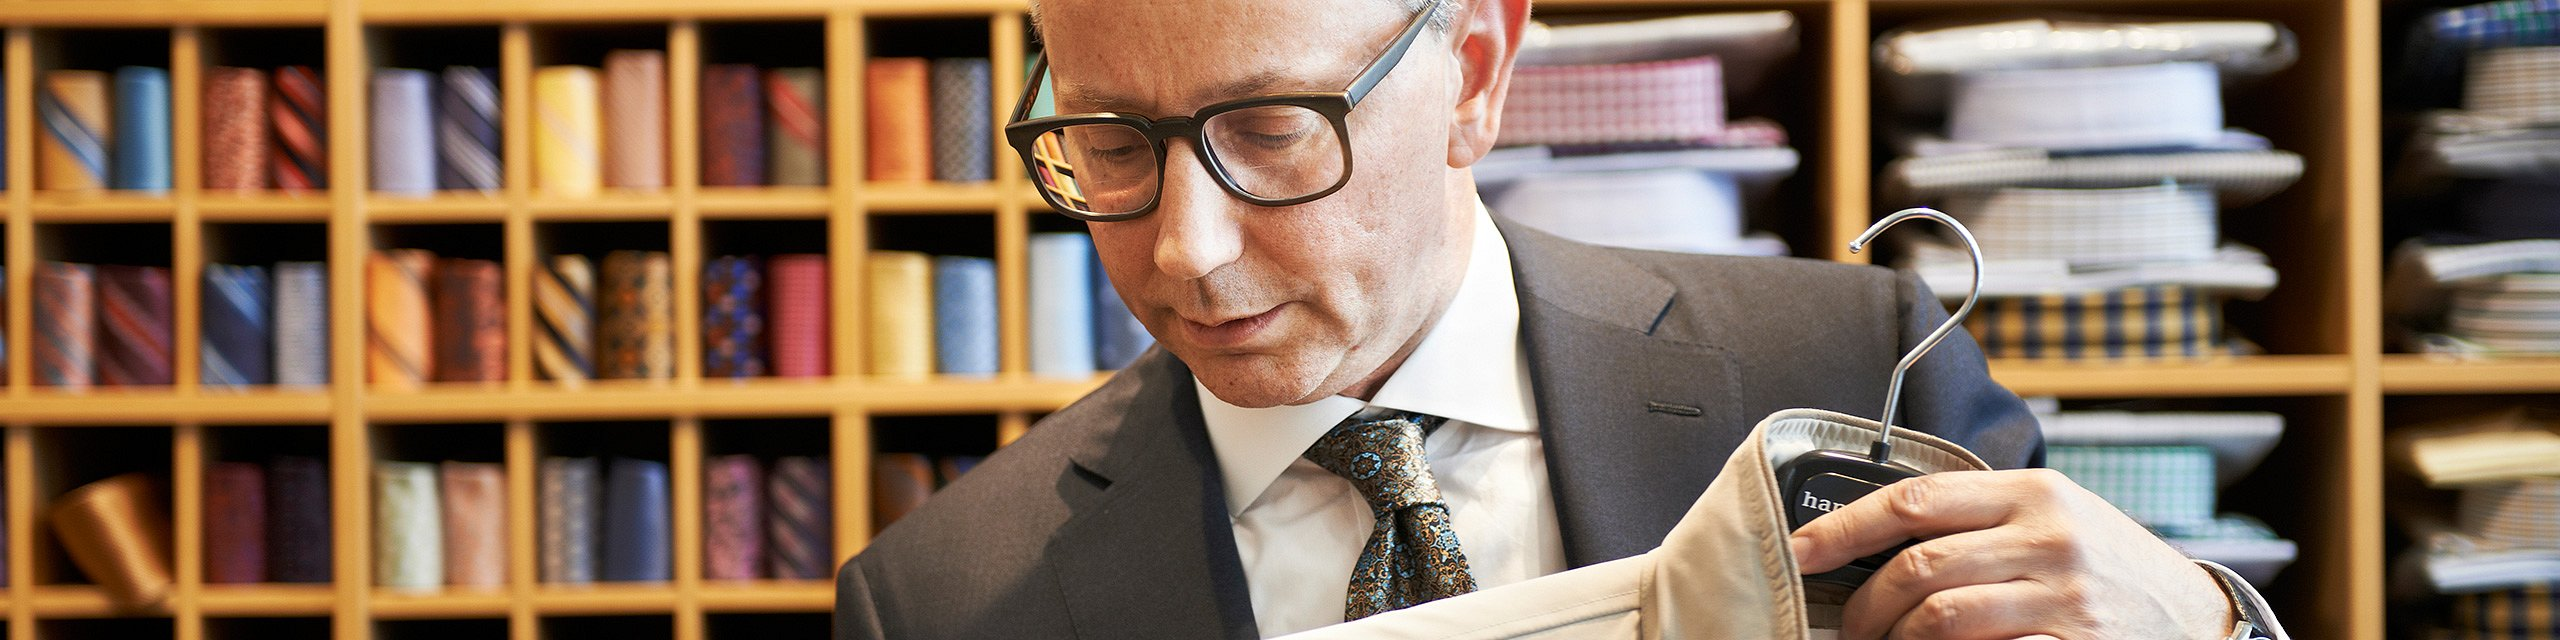 Hangartner Herrenmode AG